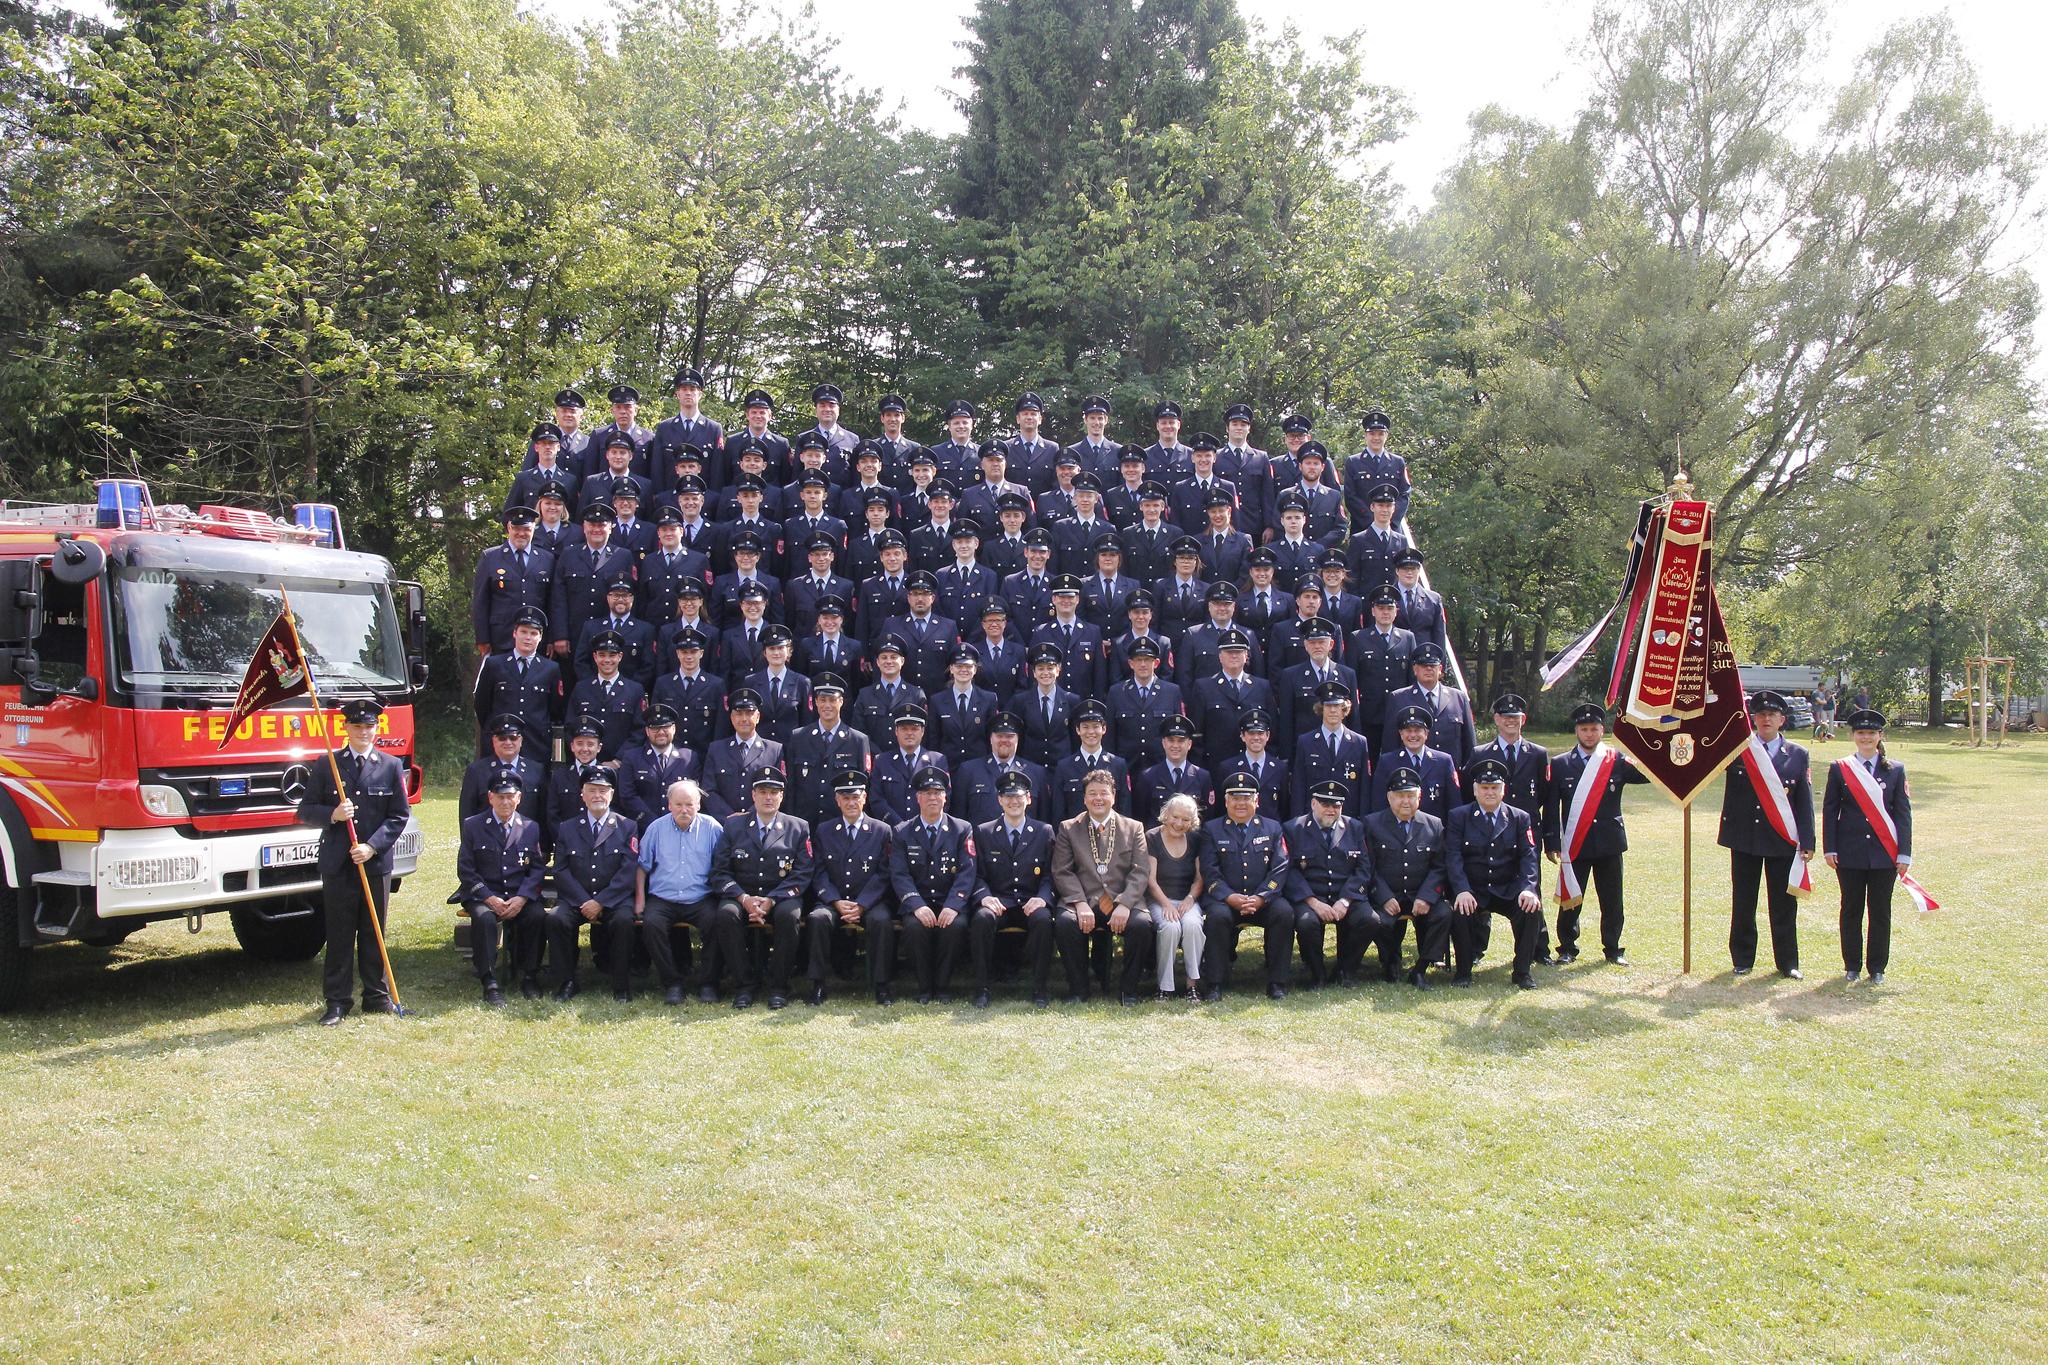 Mannschaftsfoto Feuerwehr Ottobrunn 2017